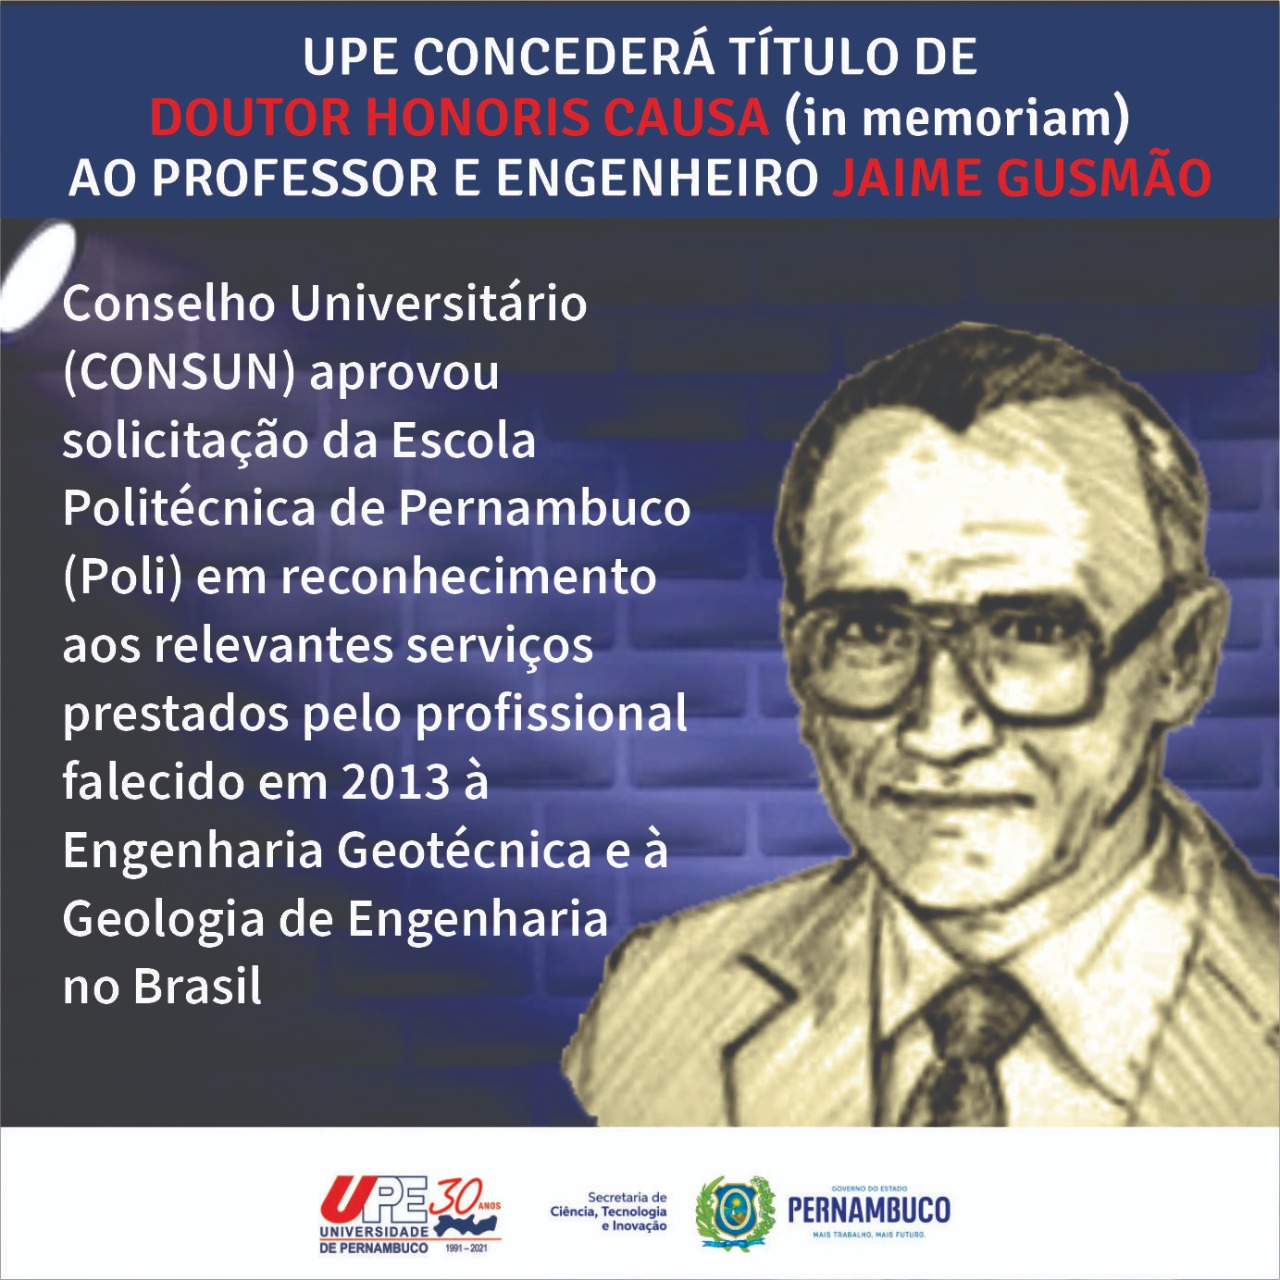 UPE aprova concessão de título de Doutor Honoris Causa (in memoriam) a Jaime Gusmão, referência da engenharia em Pernambuco